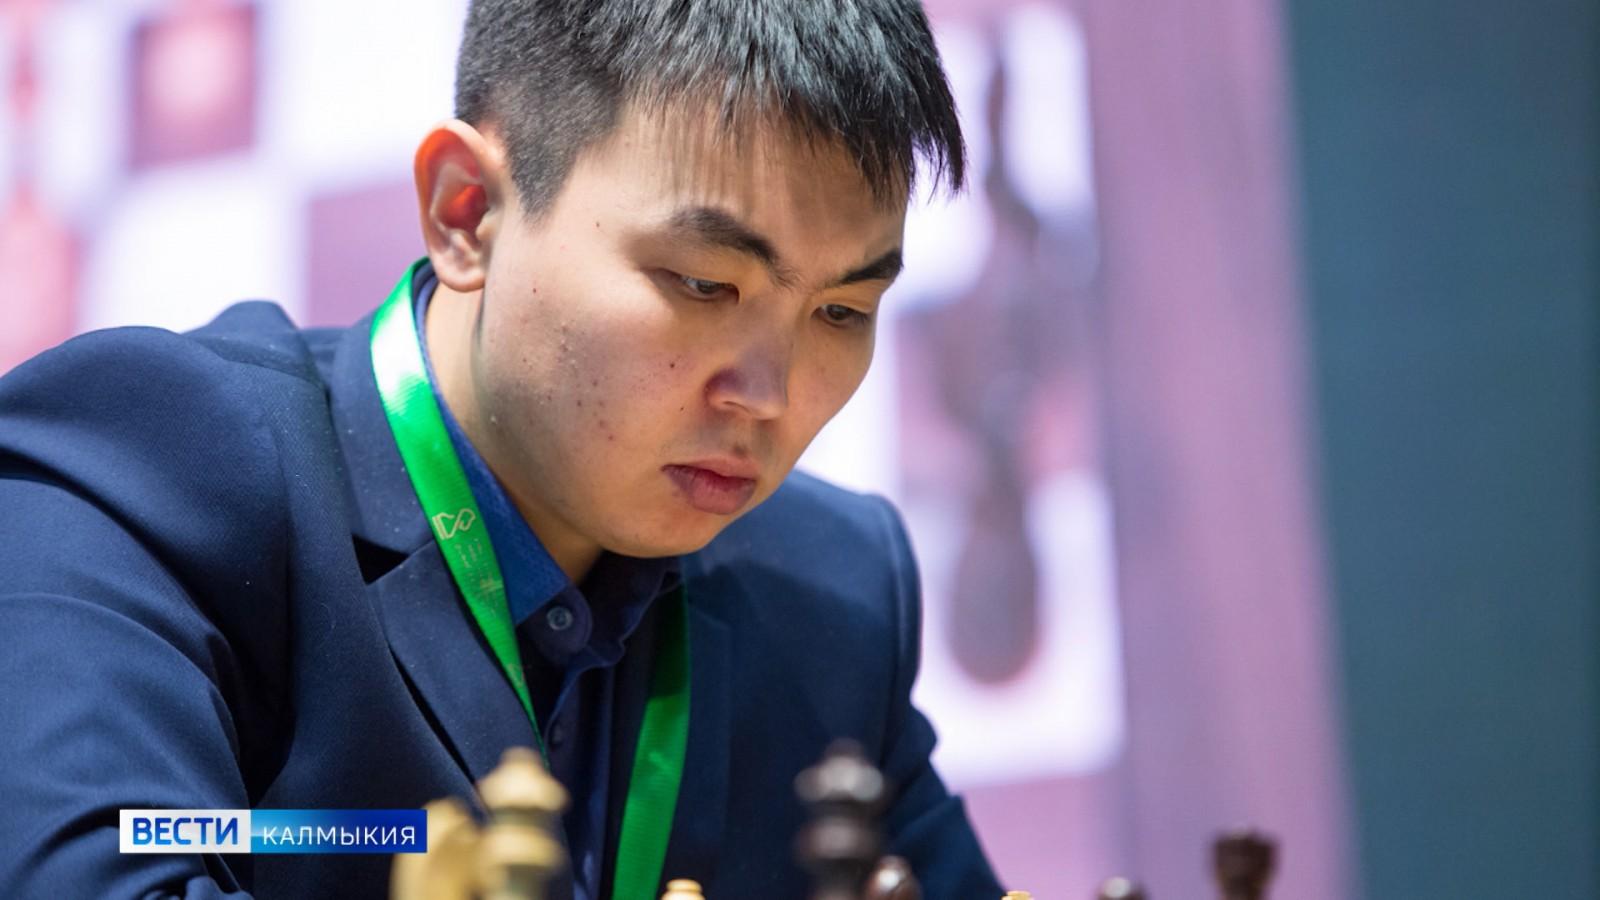 Санан Сюгиров впервые стал чемпионом России по быстрым шахматам